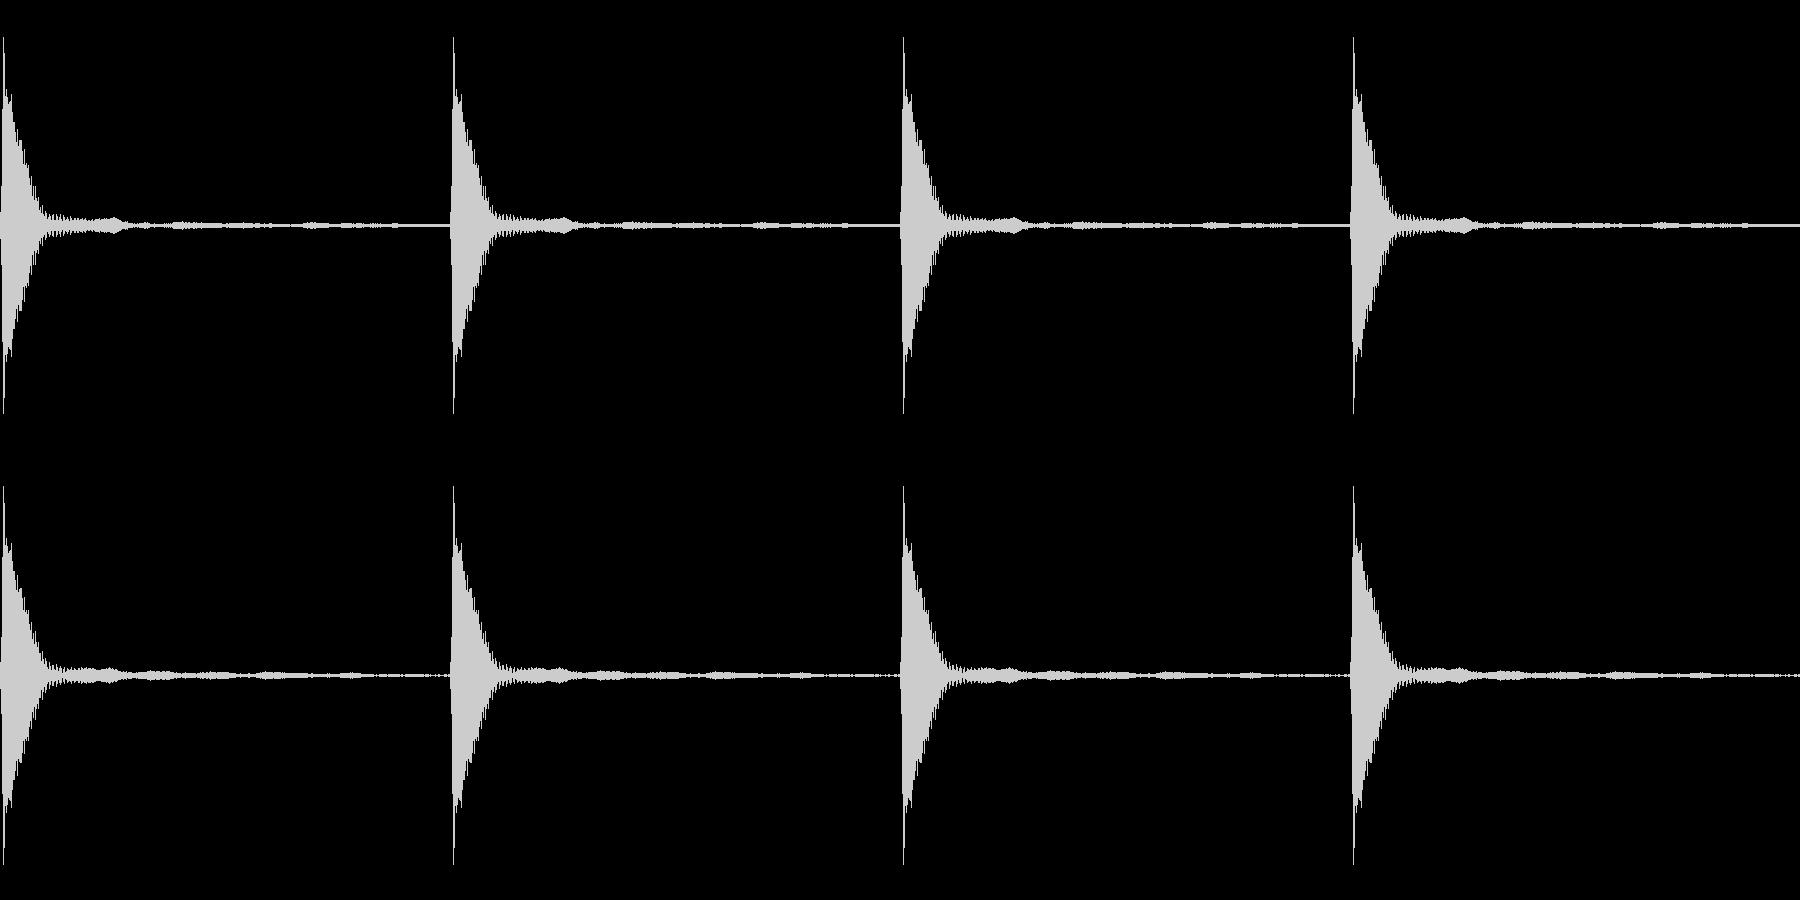 Count カウントダウン ループ 1の未再生の波形